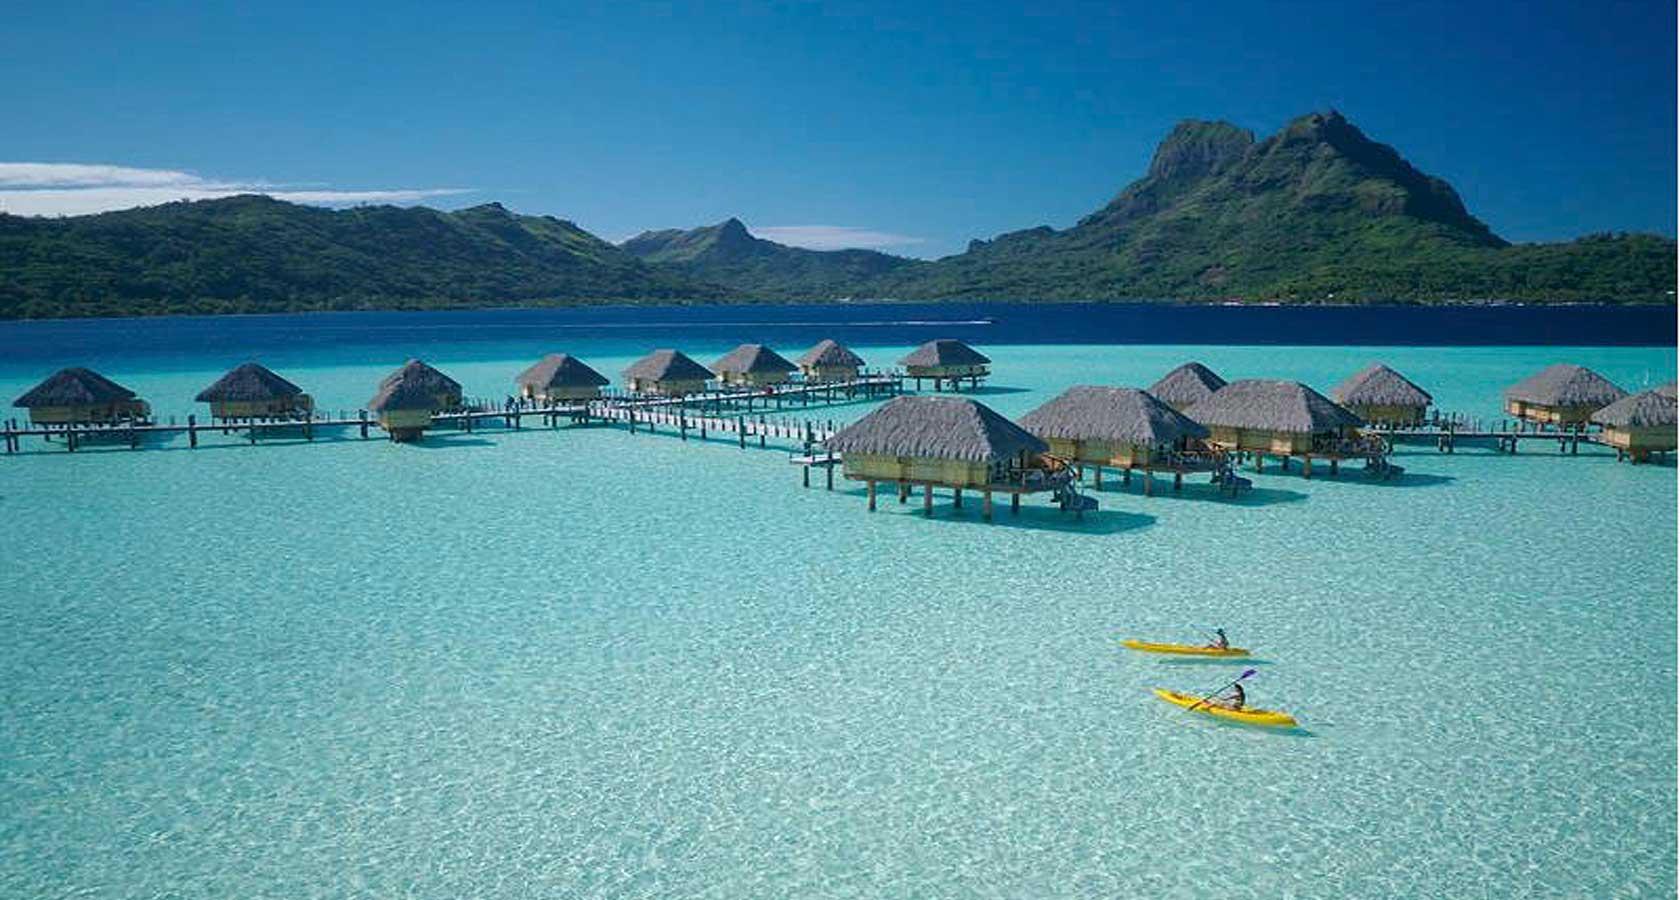 BORA BORA PEARL PEARL BEACH RESORT best honeymoon packages